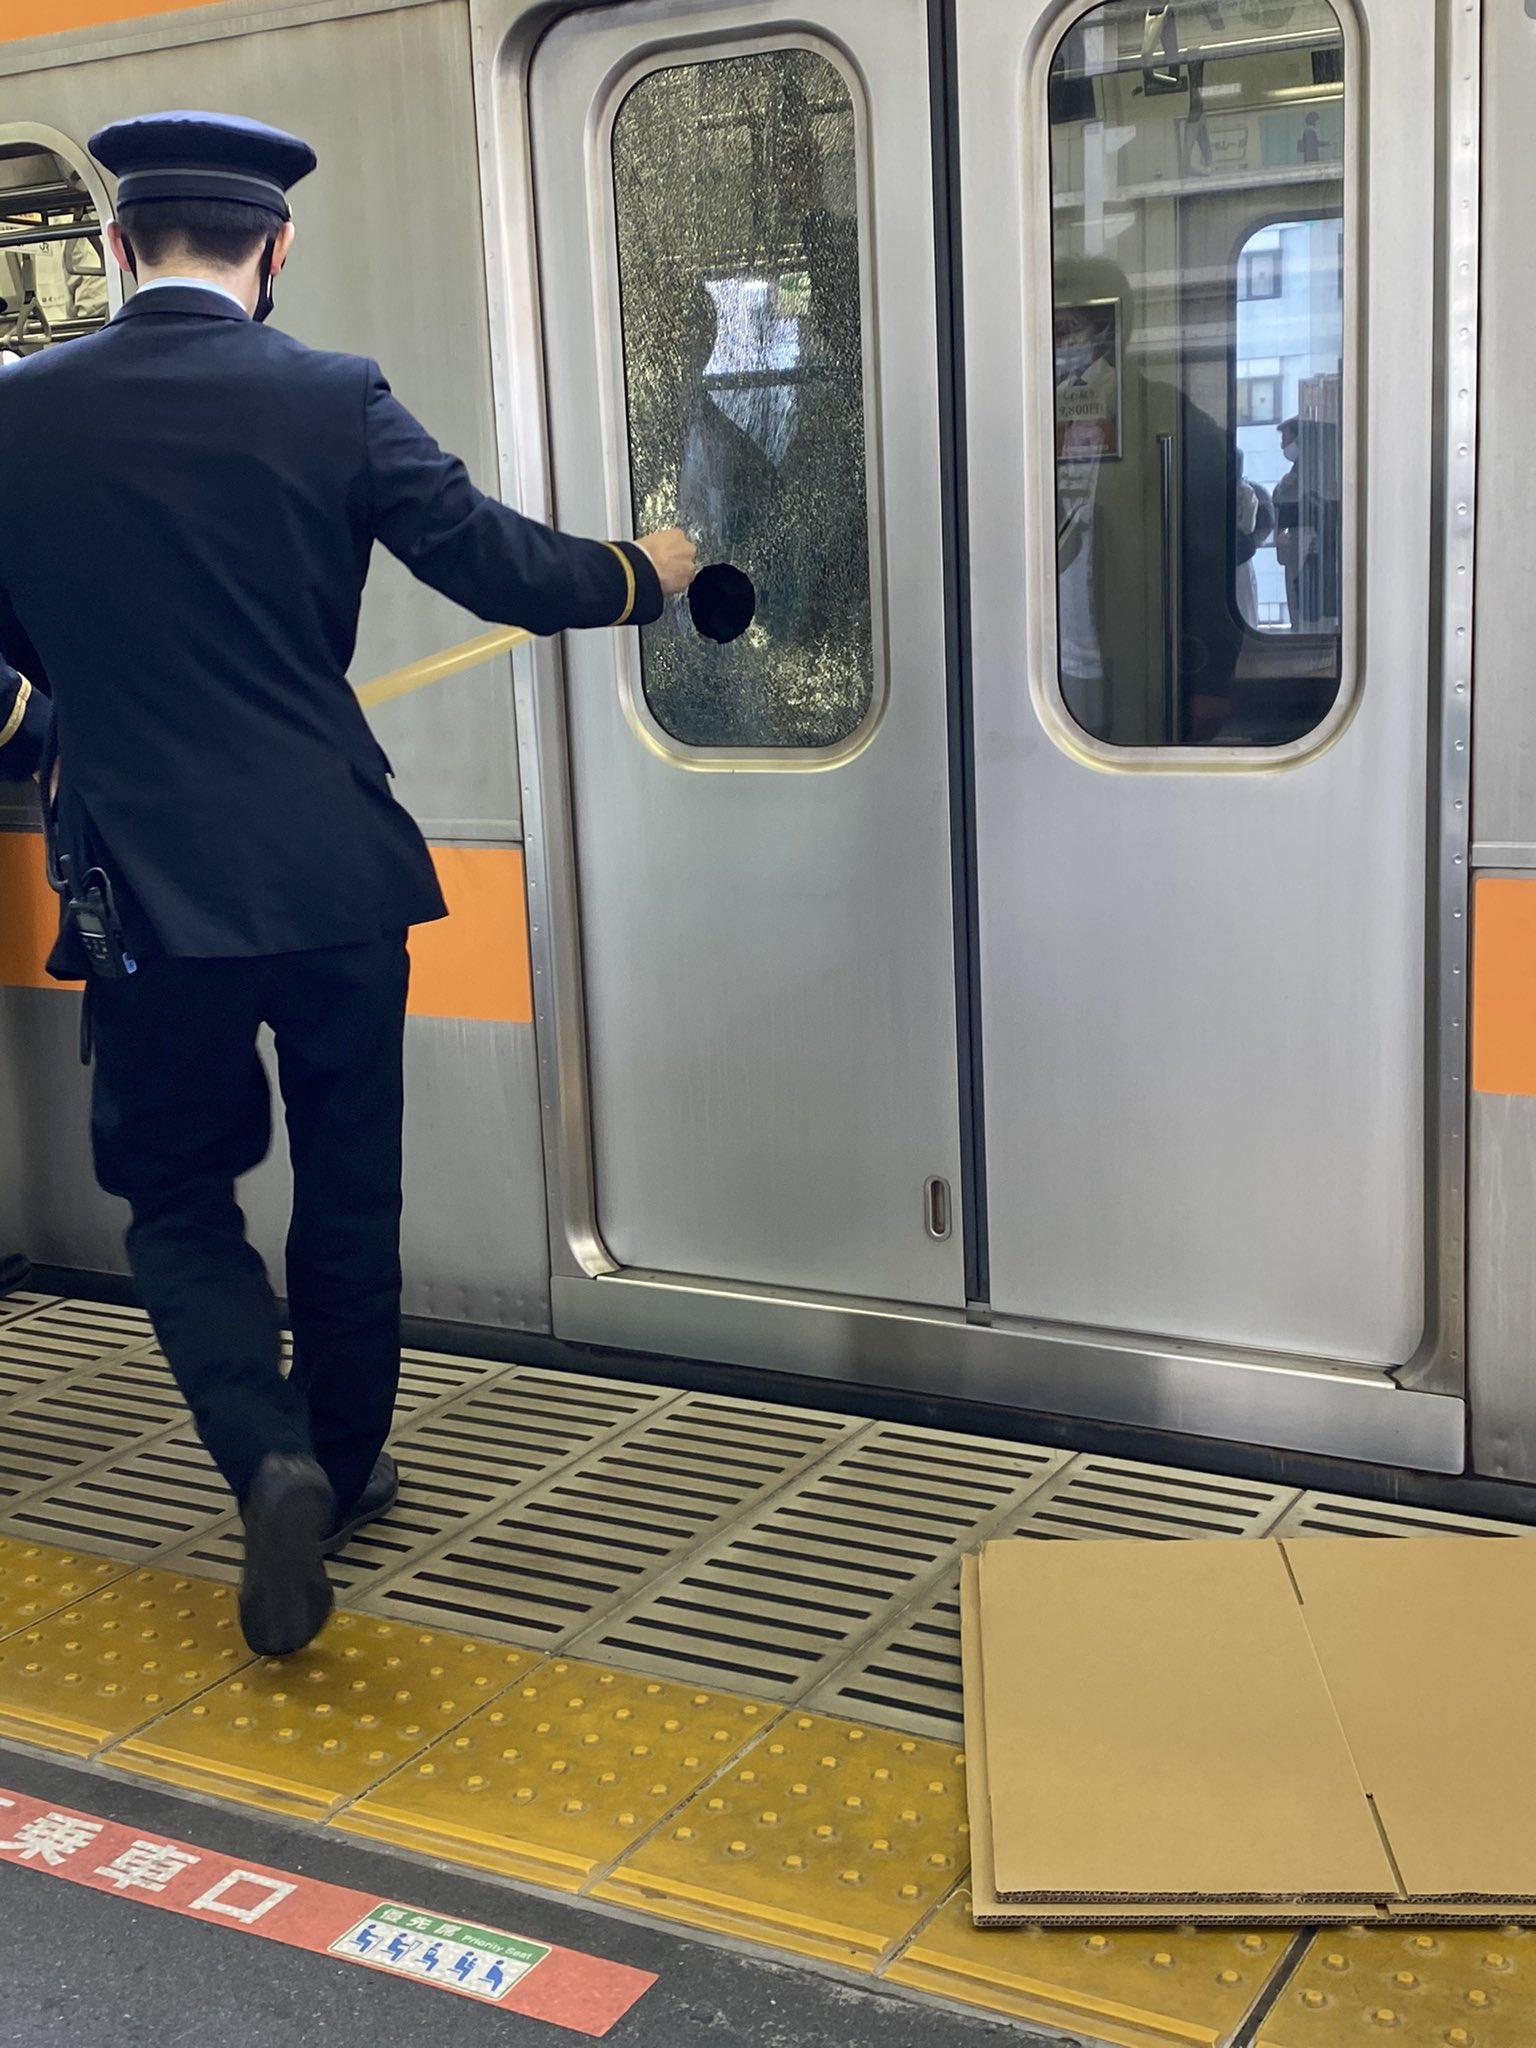 中央線の高円寺駅で窓ガラスが割れ運転を見合わせている画像